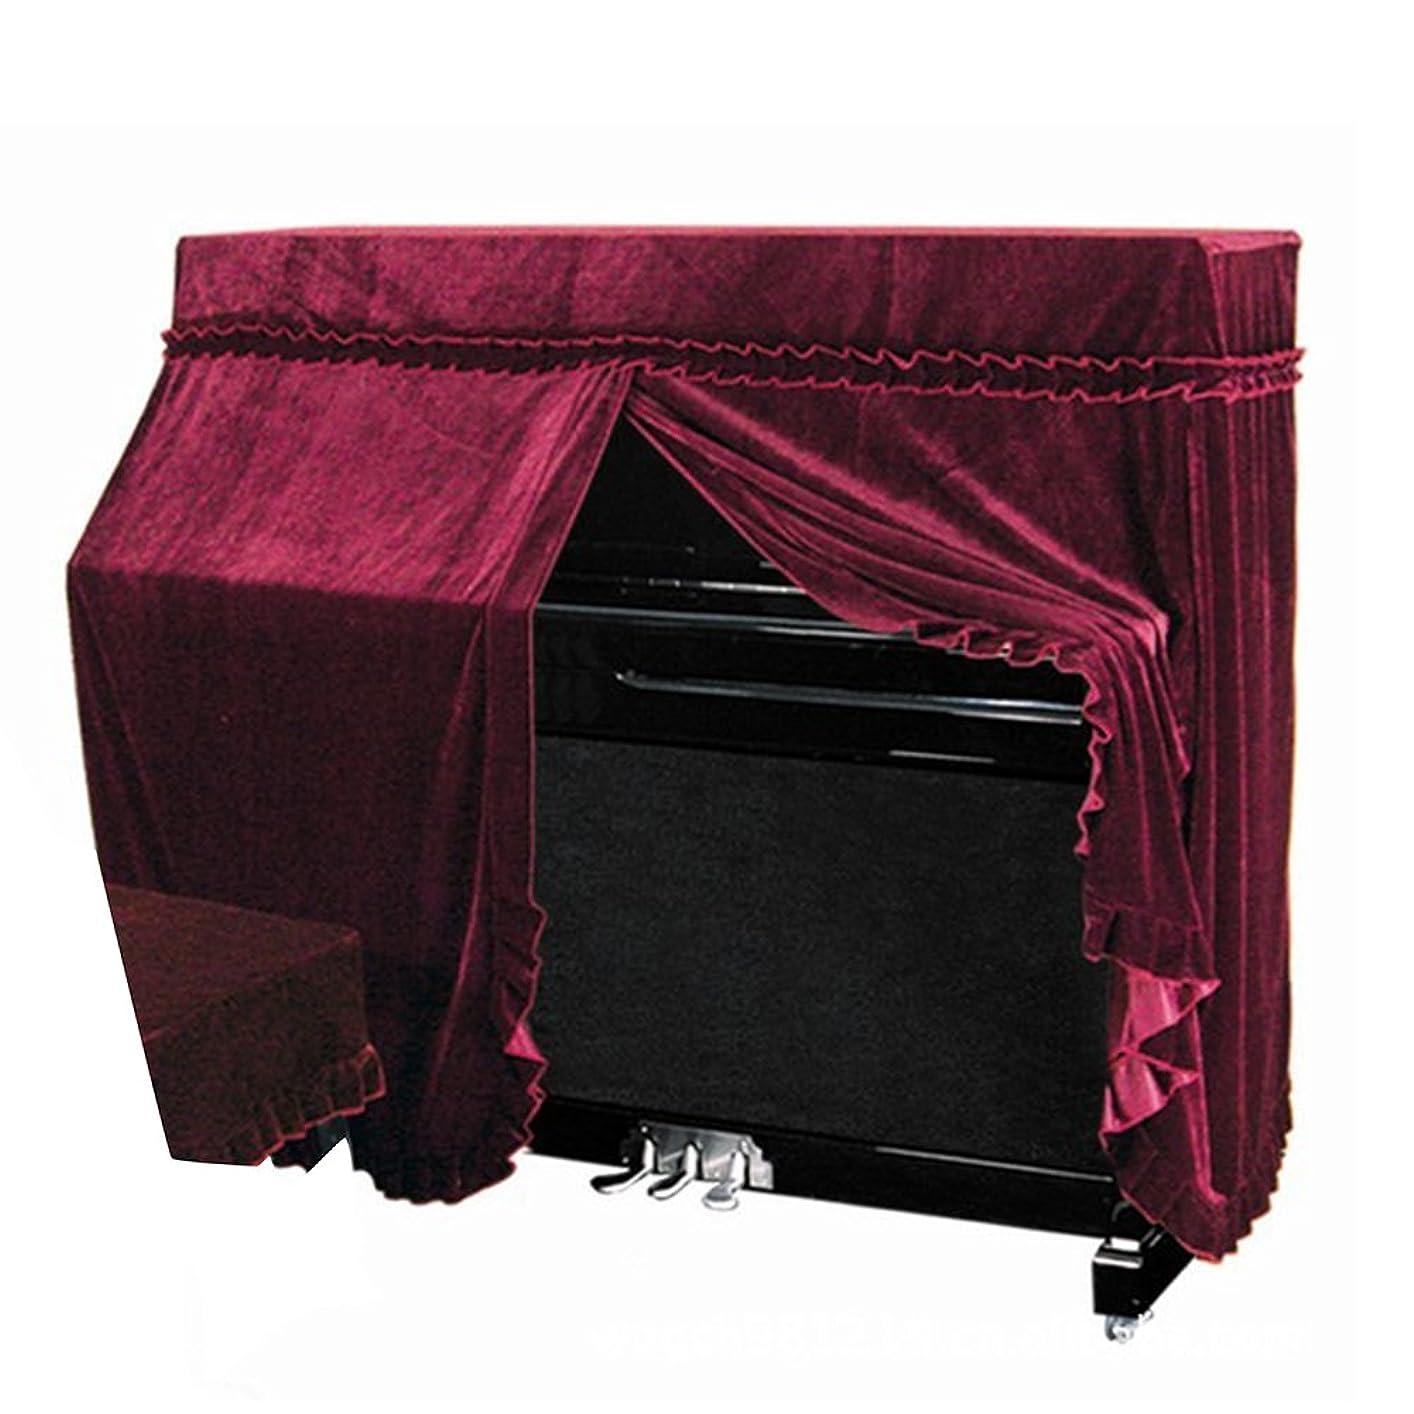 Bulary ピアノカバー 防塵カバー 高級 厚手 ベルベット生地 静電気防止 灰つけない ヨーロッパ風 3色から選べる レッド